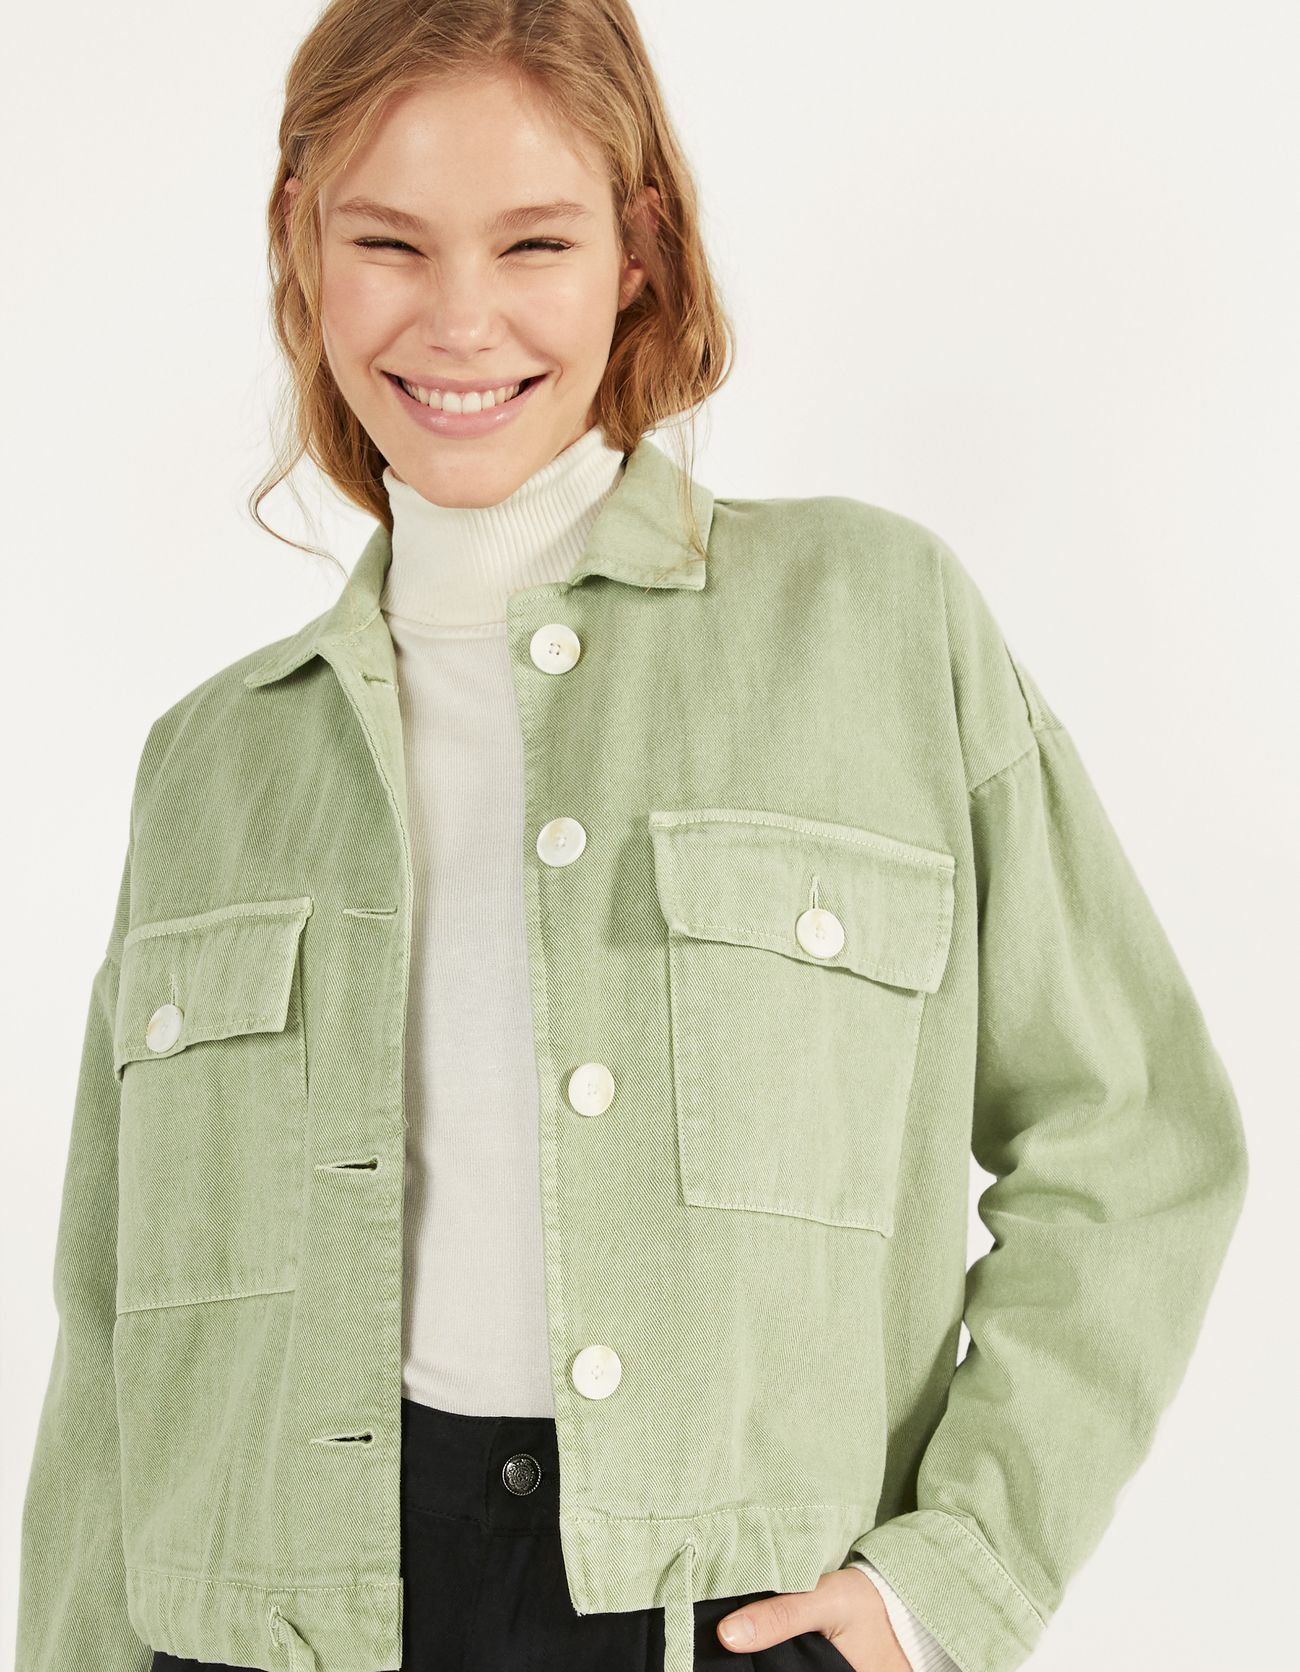 Джинсовая куртка с пуговицами ХАКИ Bershka